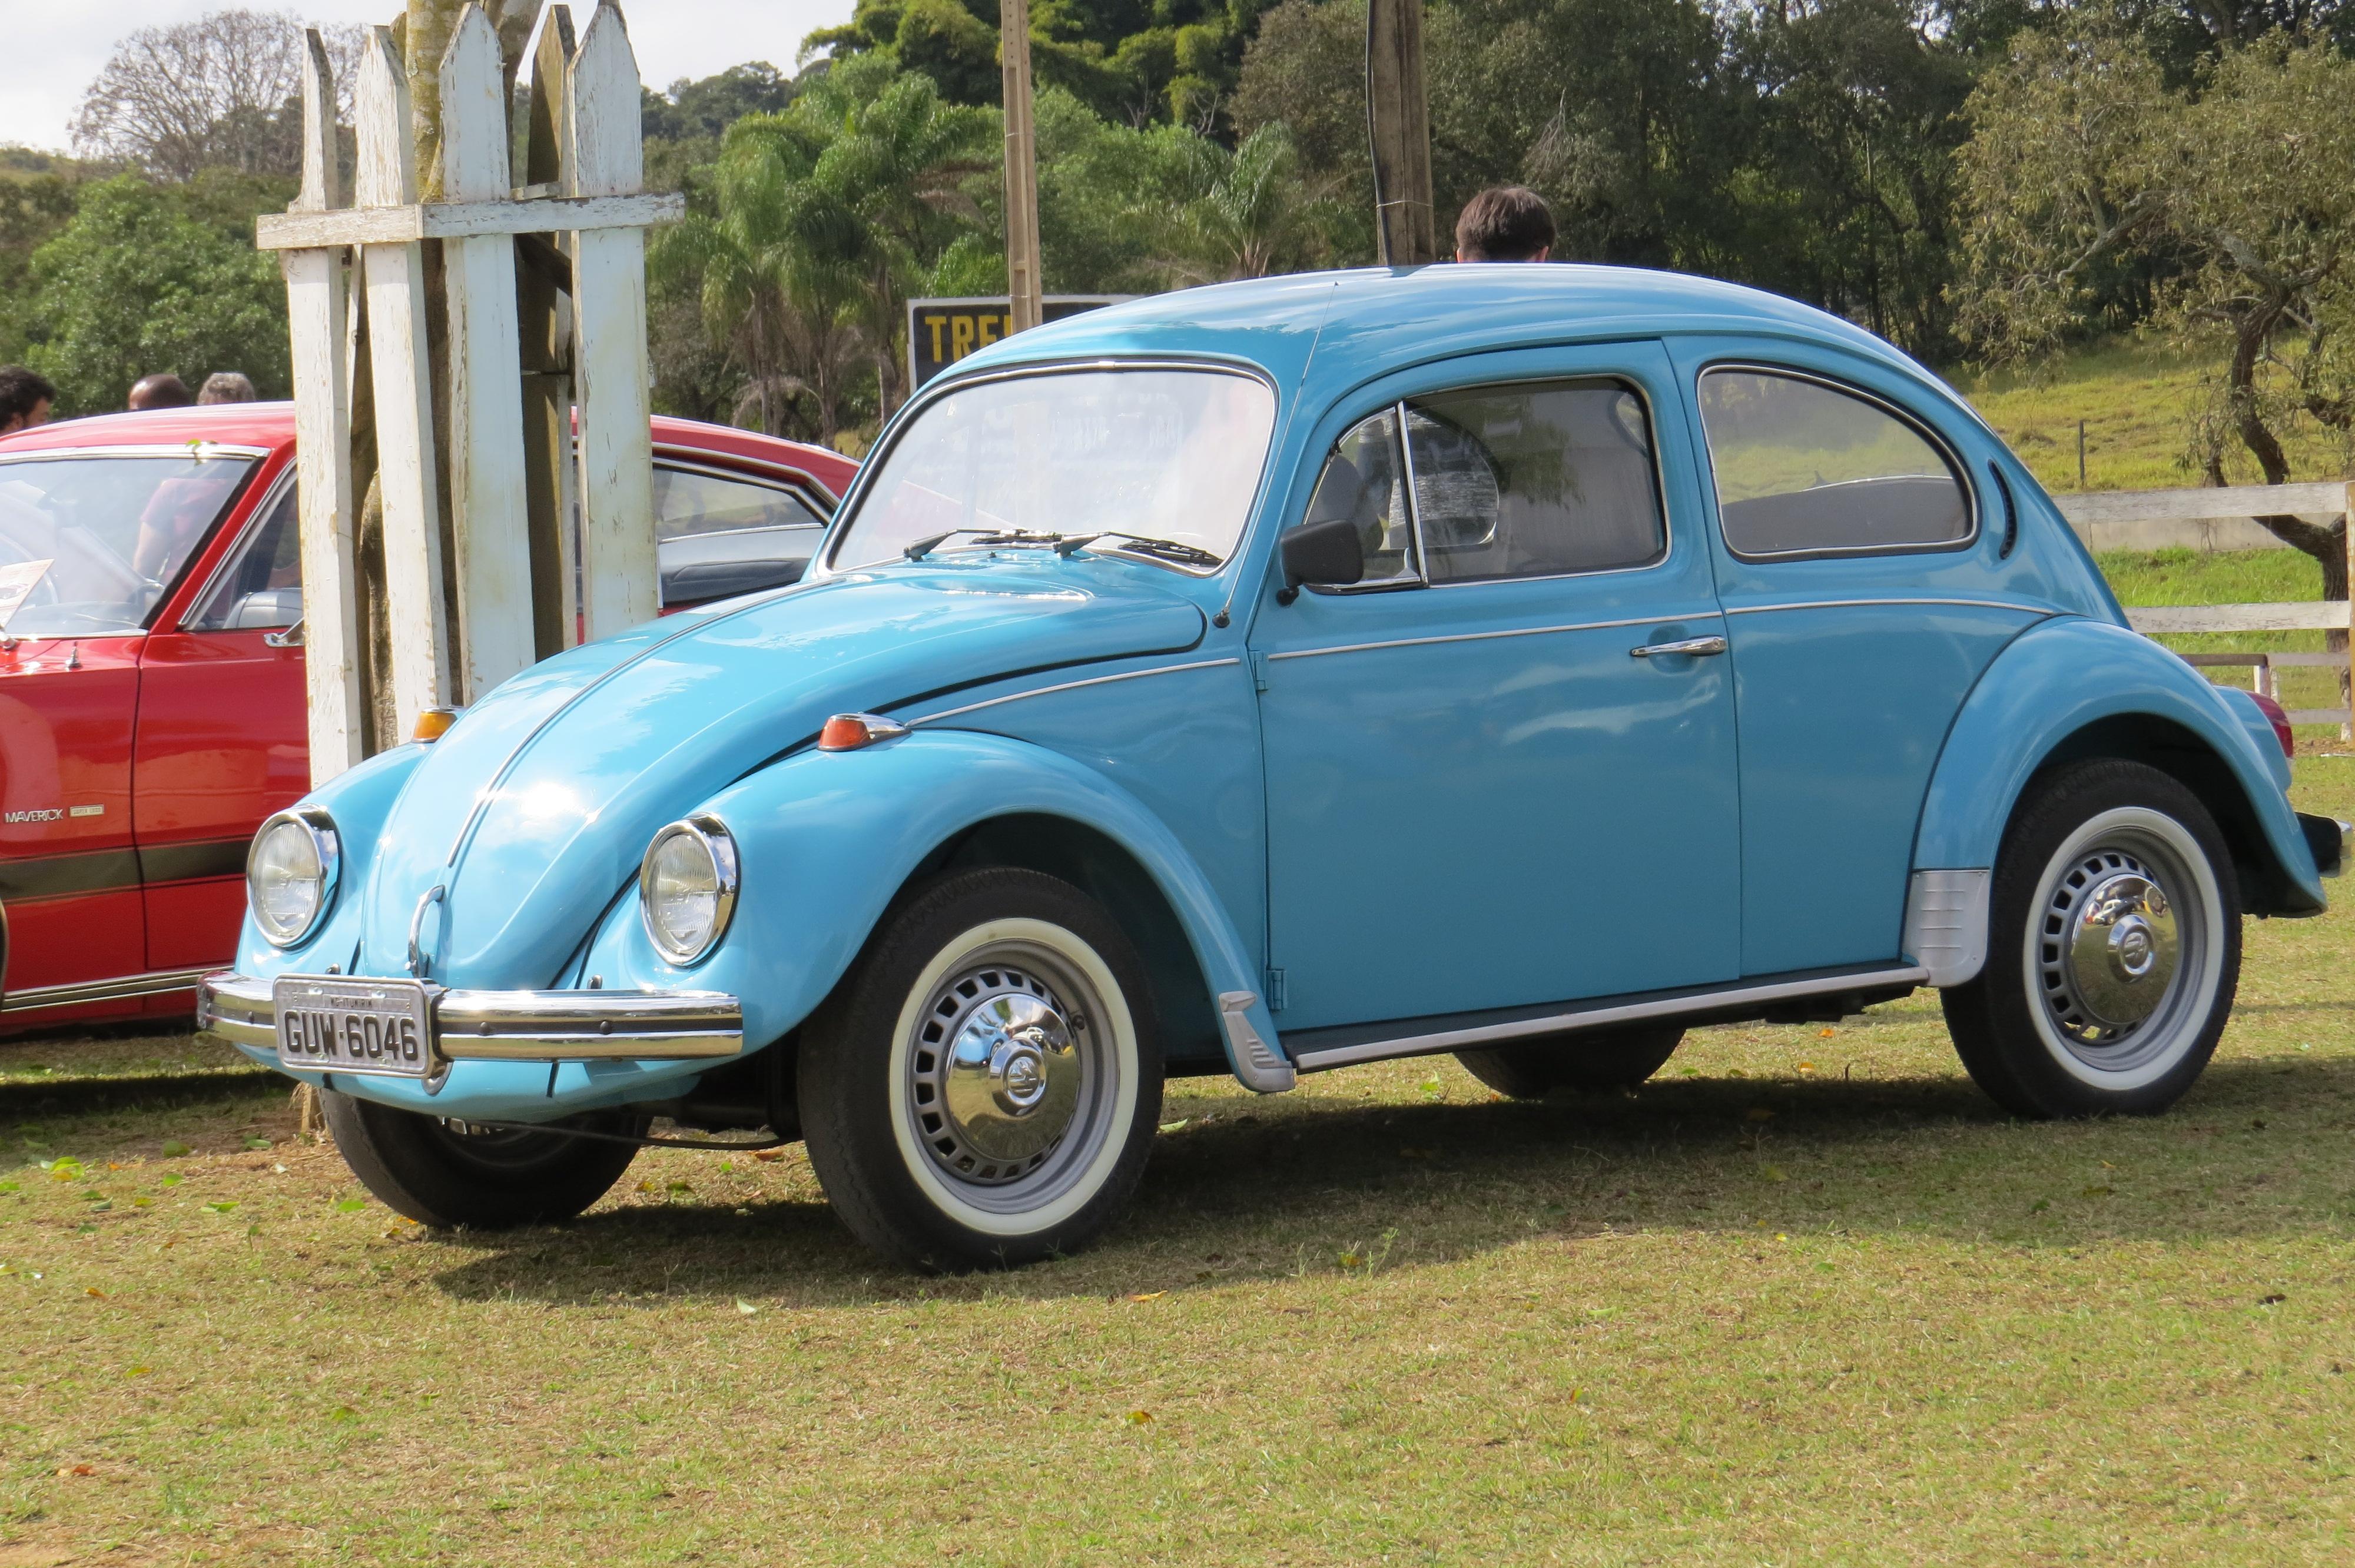 IMG 4939 - 3º Grande Encontro dos Carros Antigos do Sul de Minas